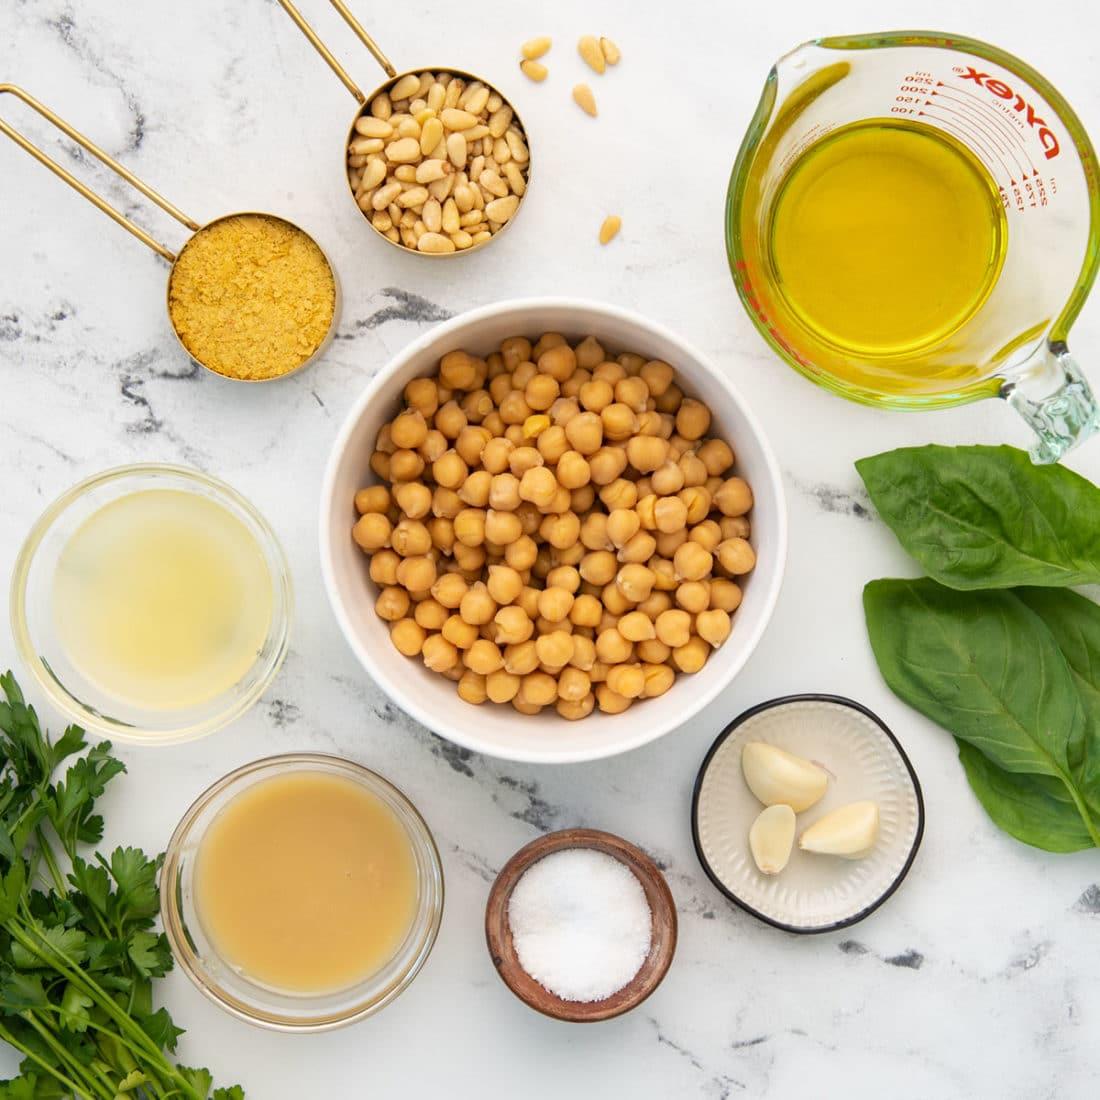 chickpeas, basil, nutritional yeast, garlic, olive oil, tahini paste, lemon juice